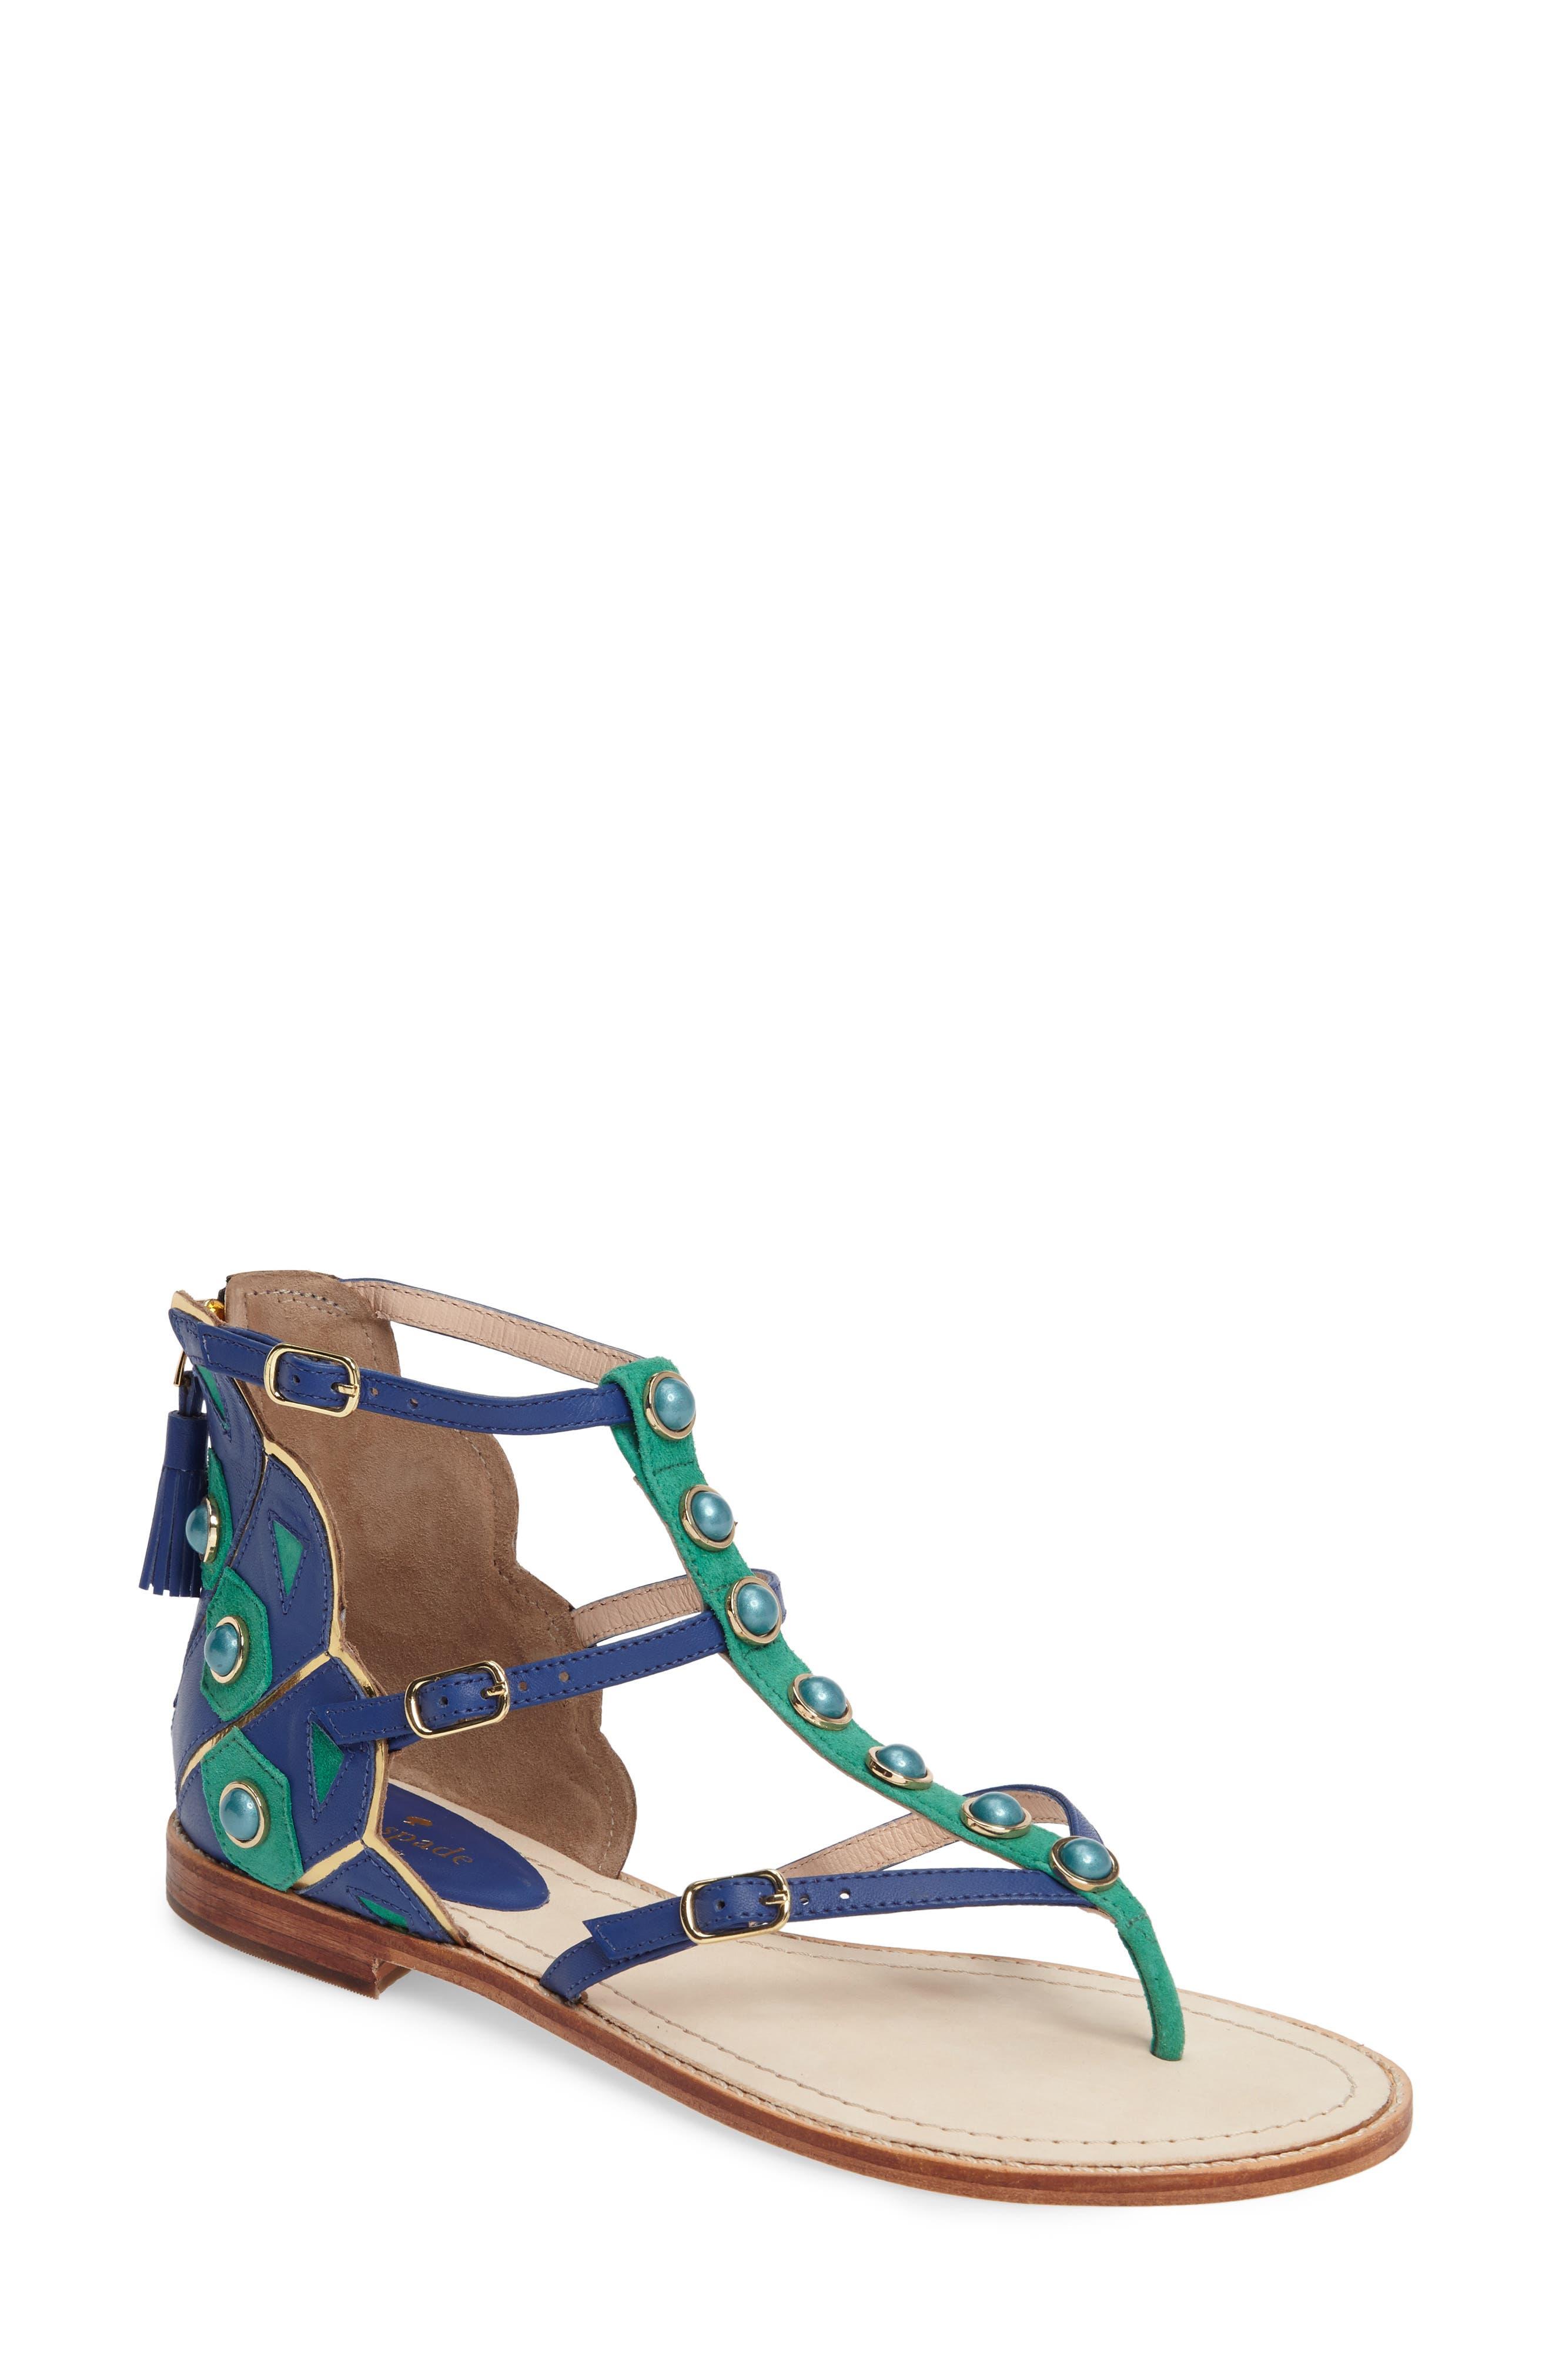 kate spade new york soto flat sandal (Women)